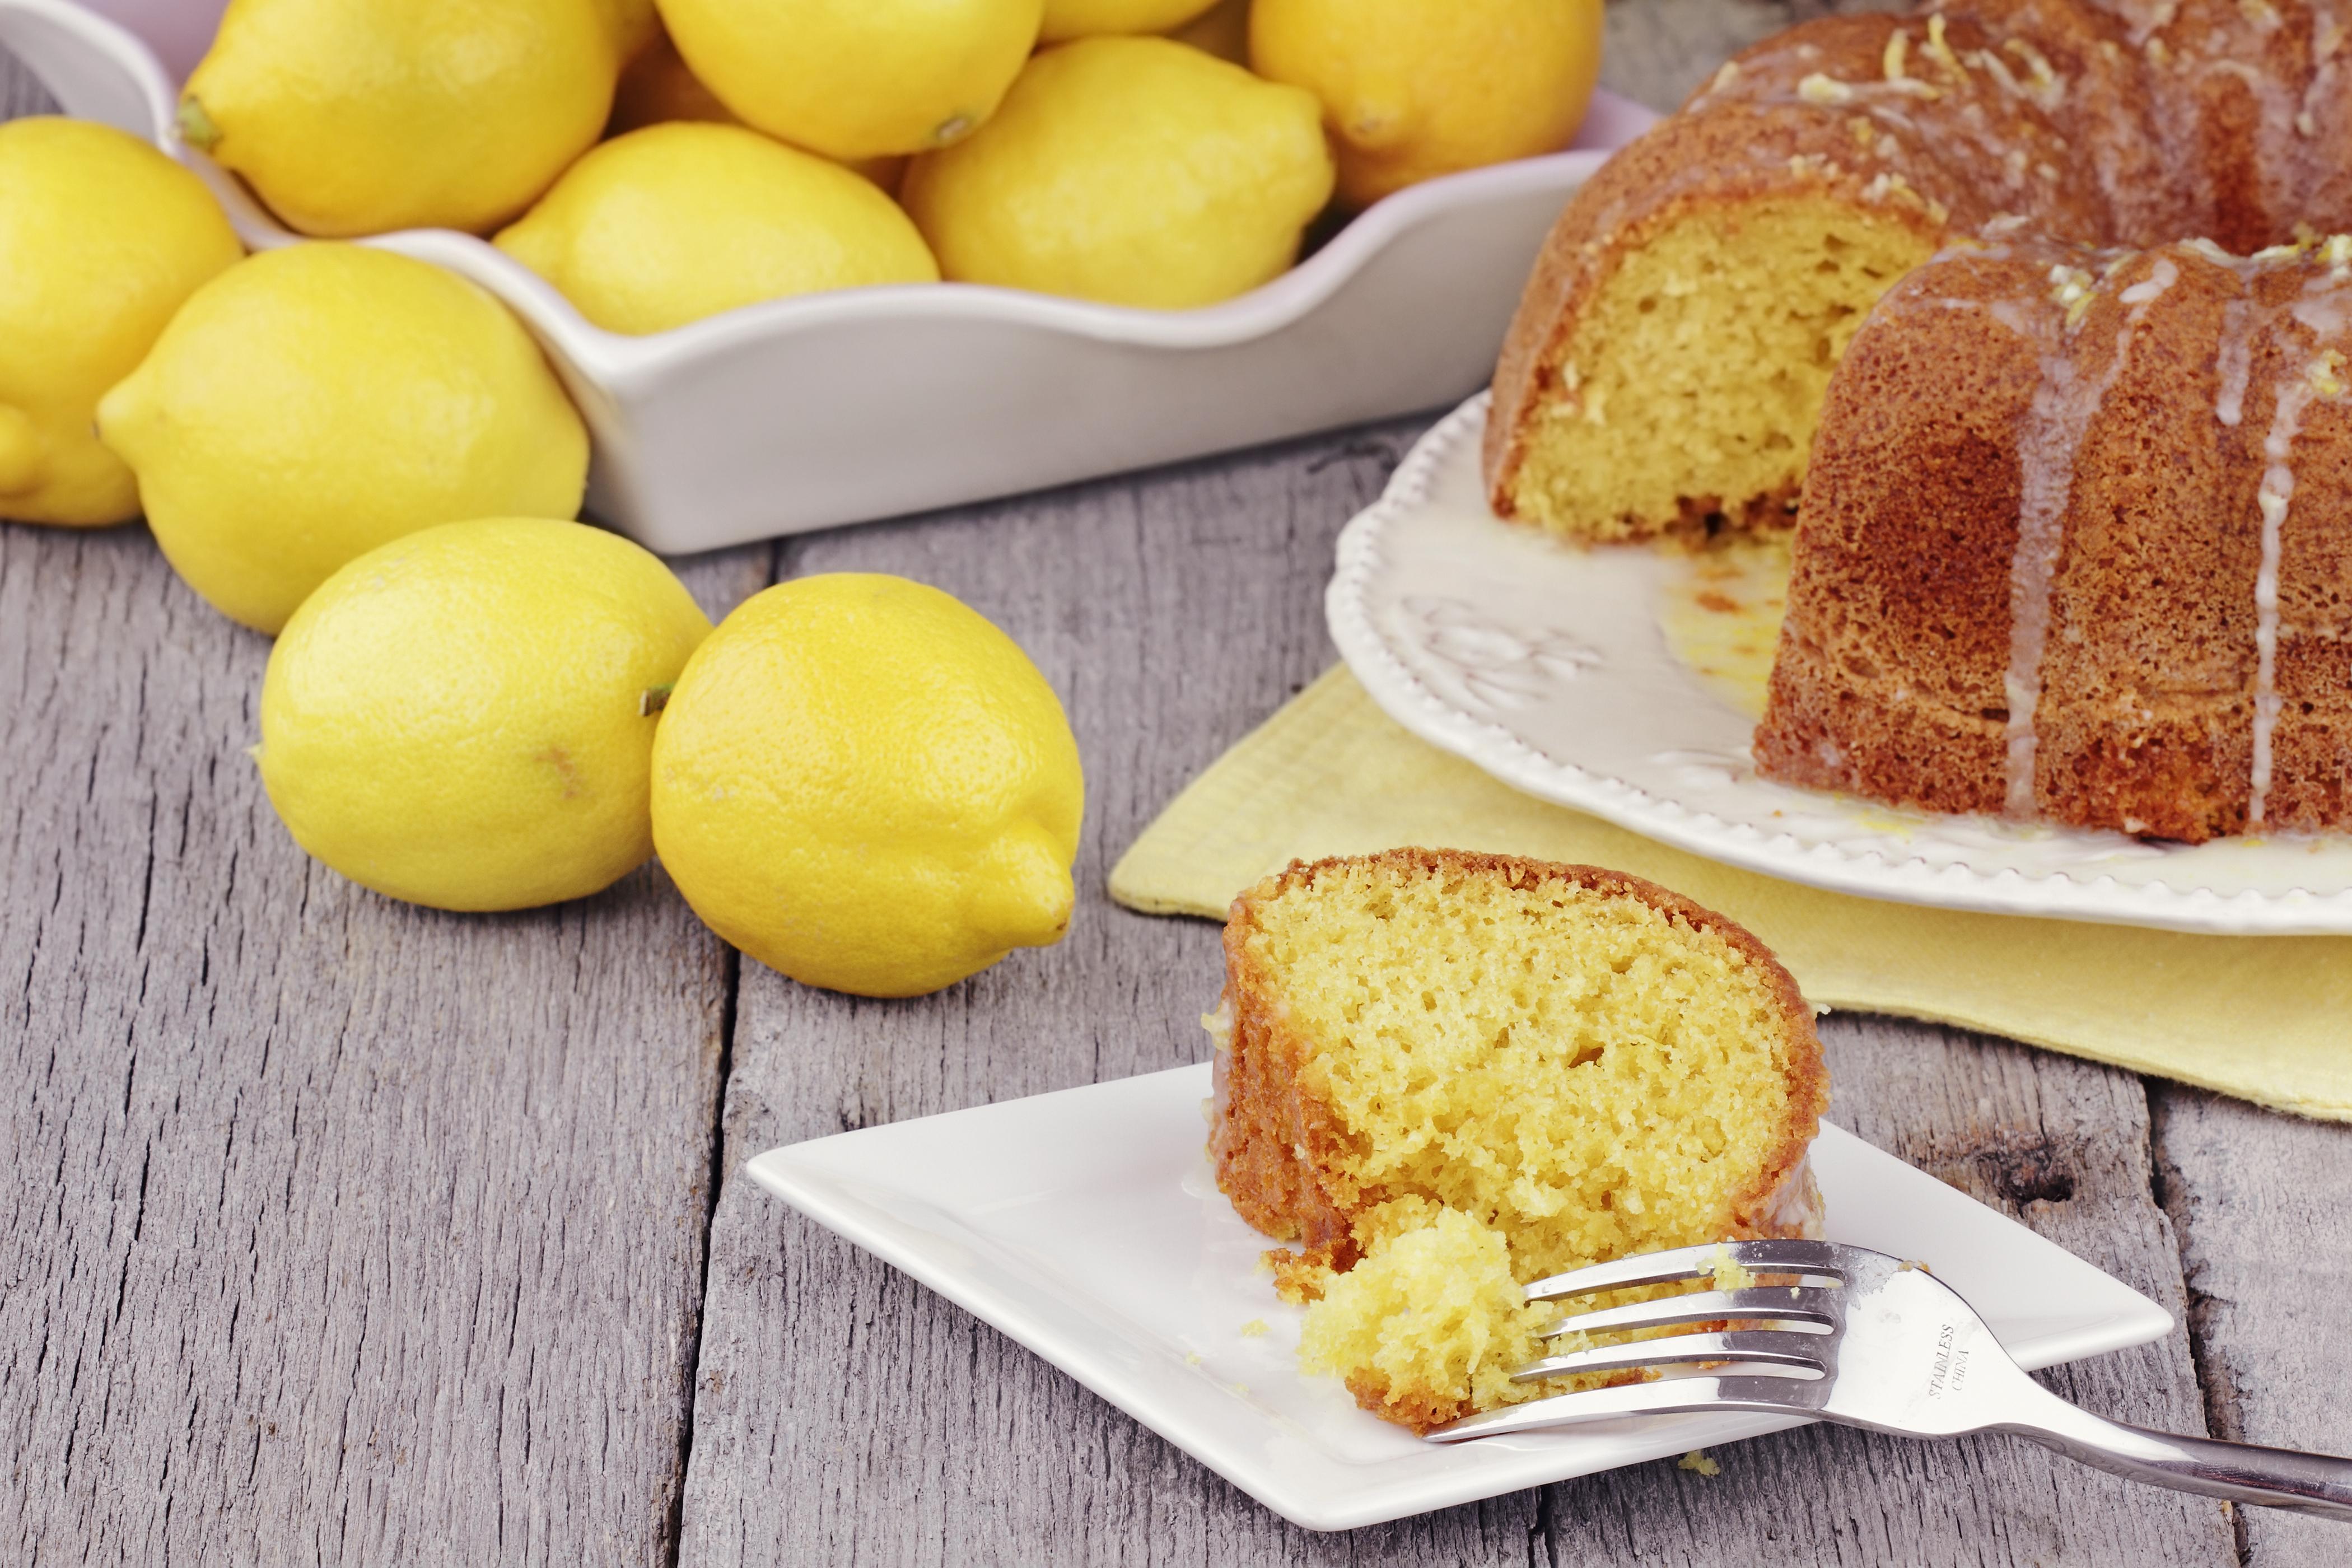 babka with lemon